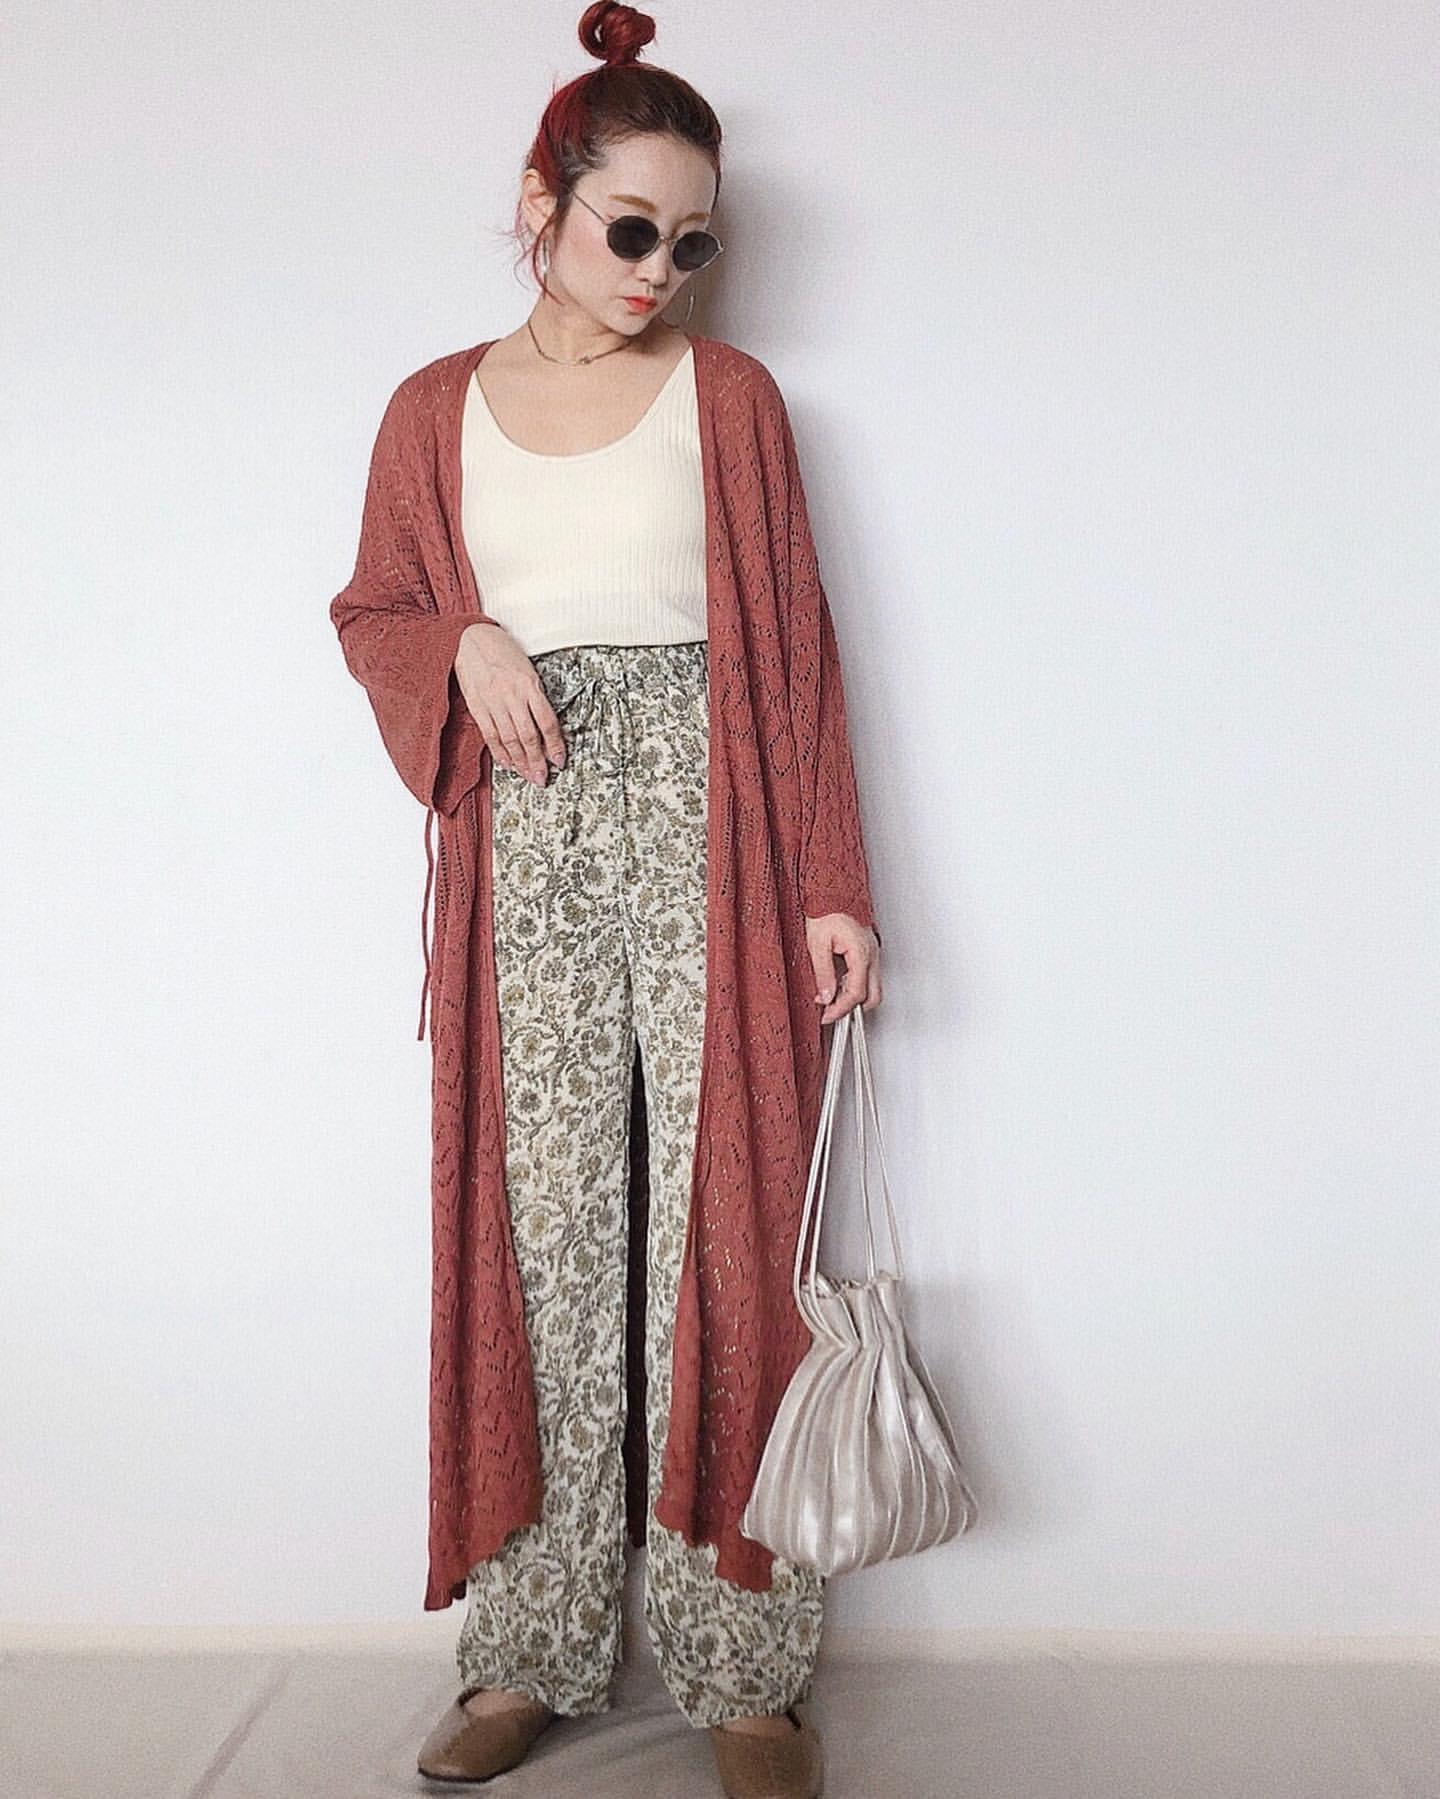 編みカーデで仕上げる華やかなリラックスコーデ